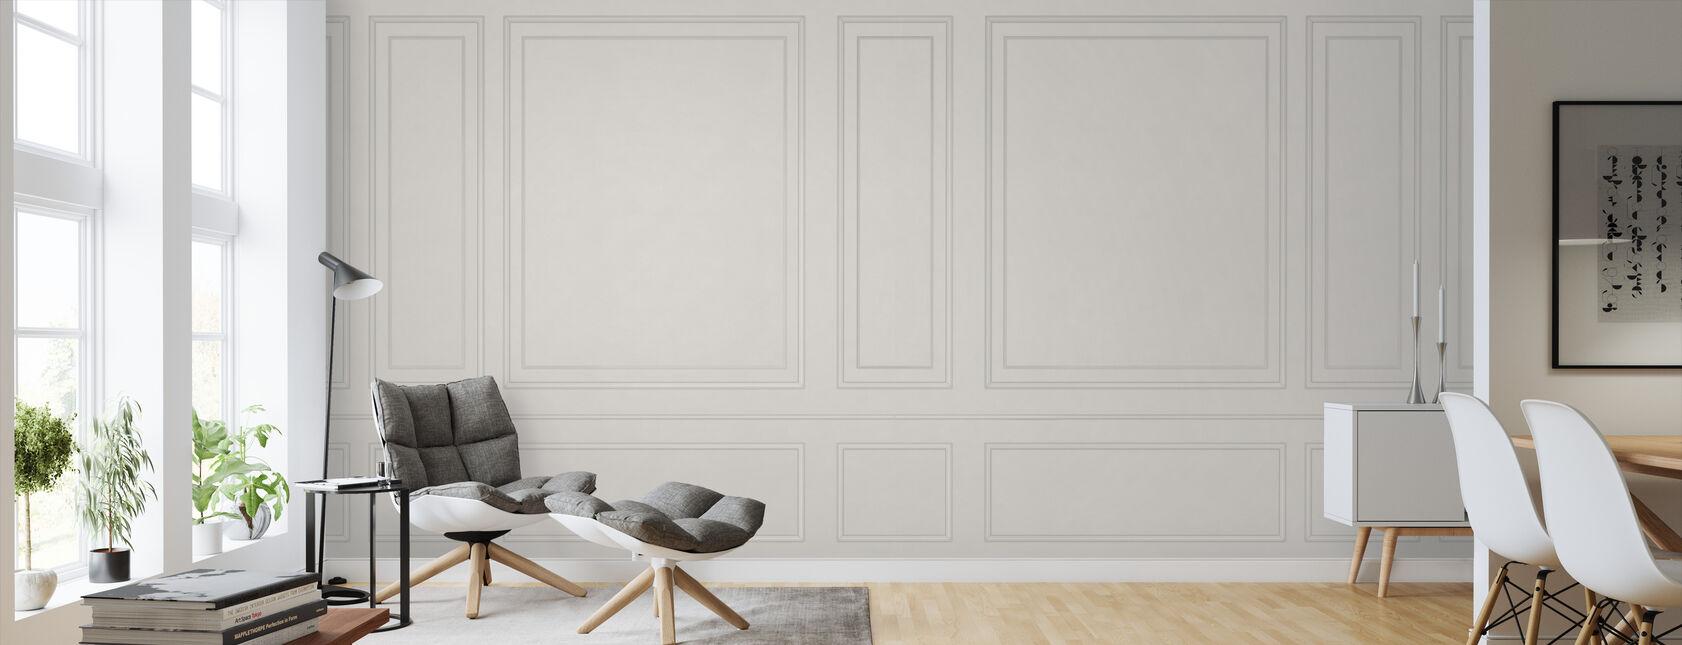 Voguish Wall Panel - Beige - Wallpaper - Living Room